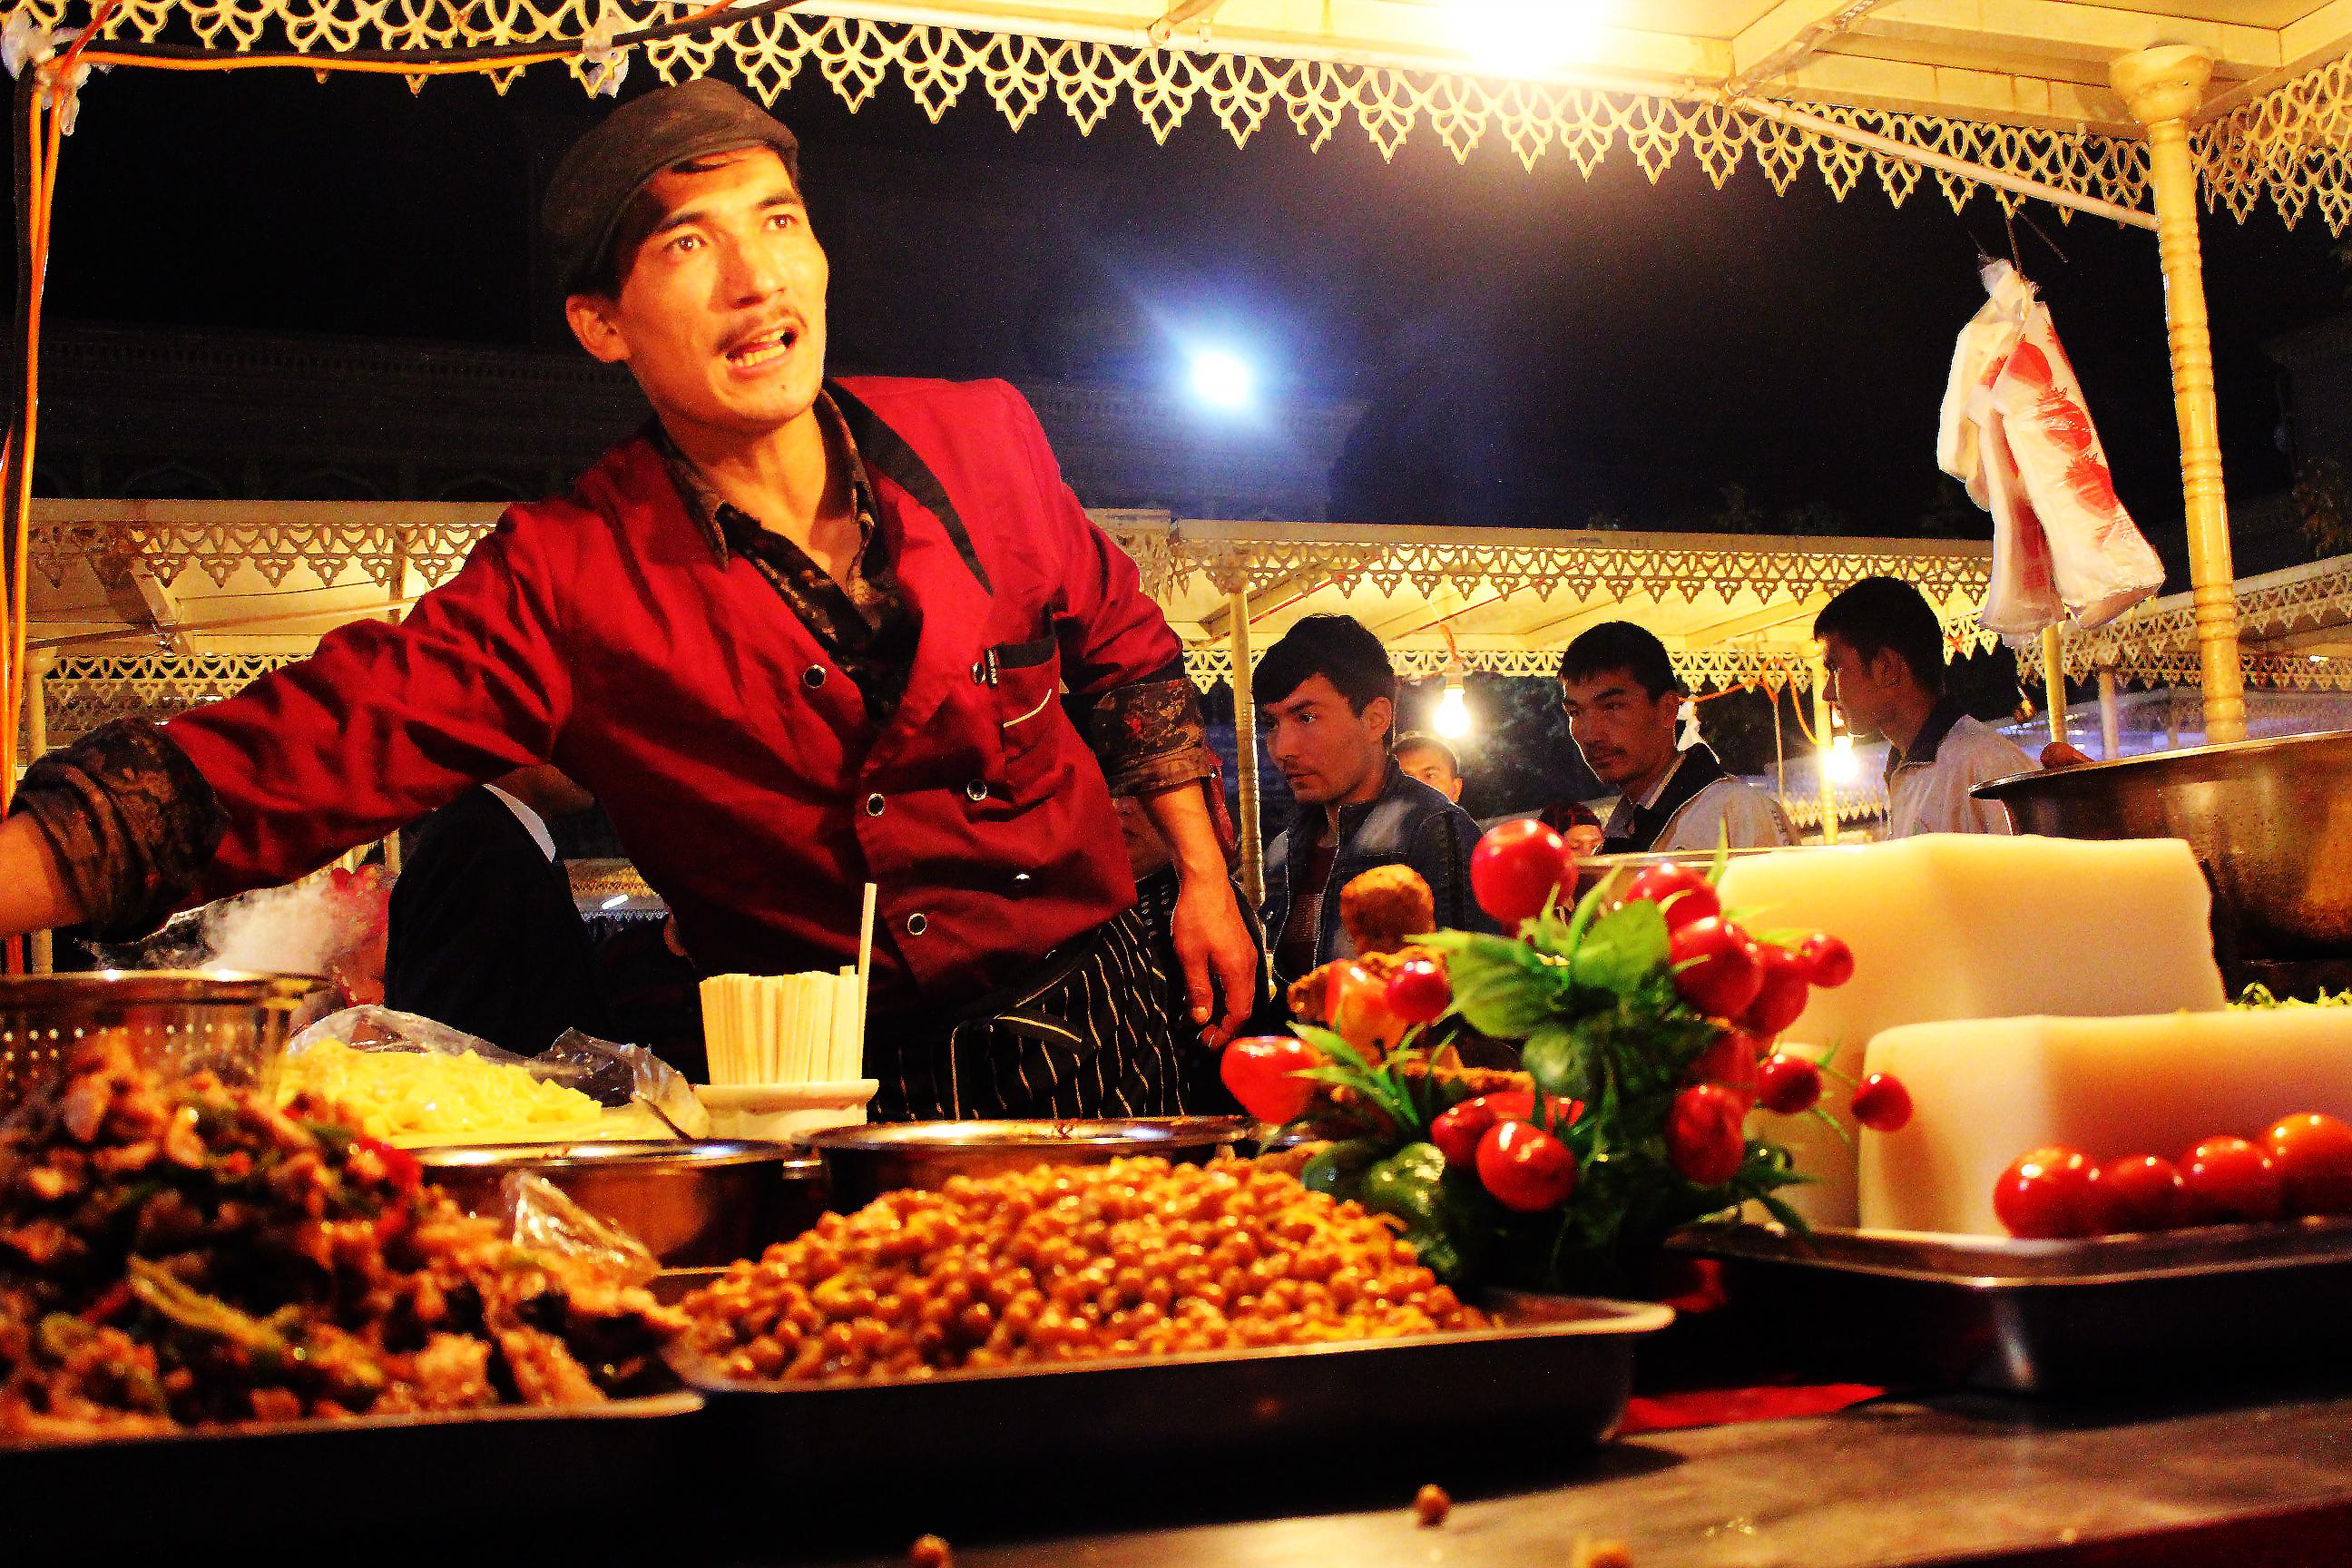 At the night market in Kashgar, China.